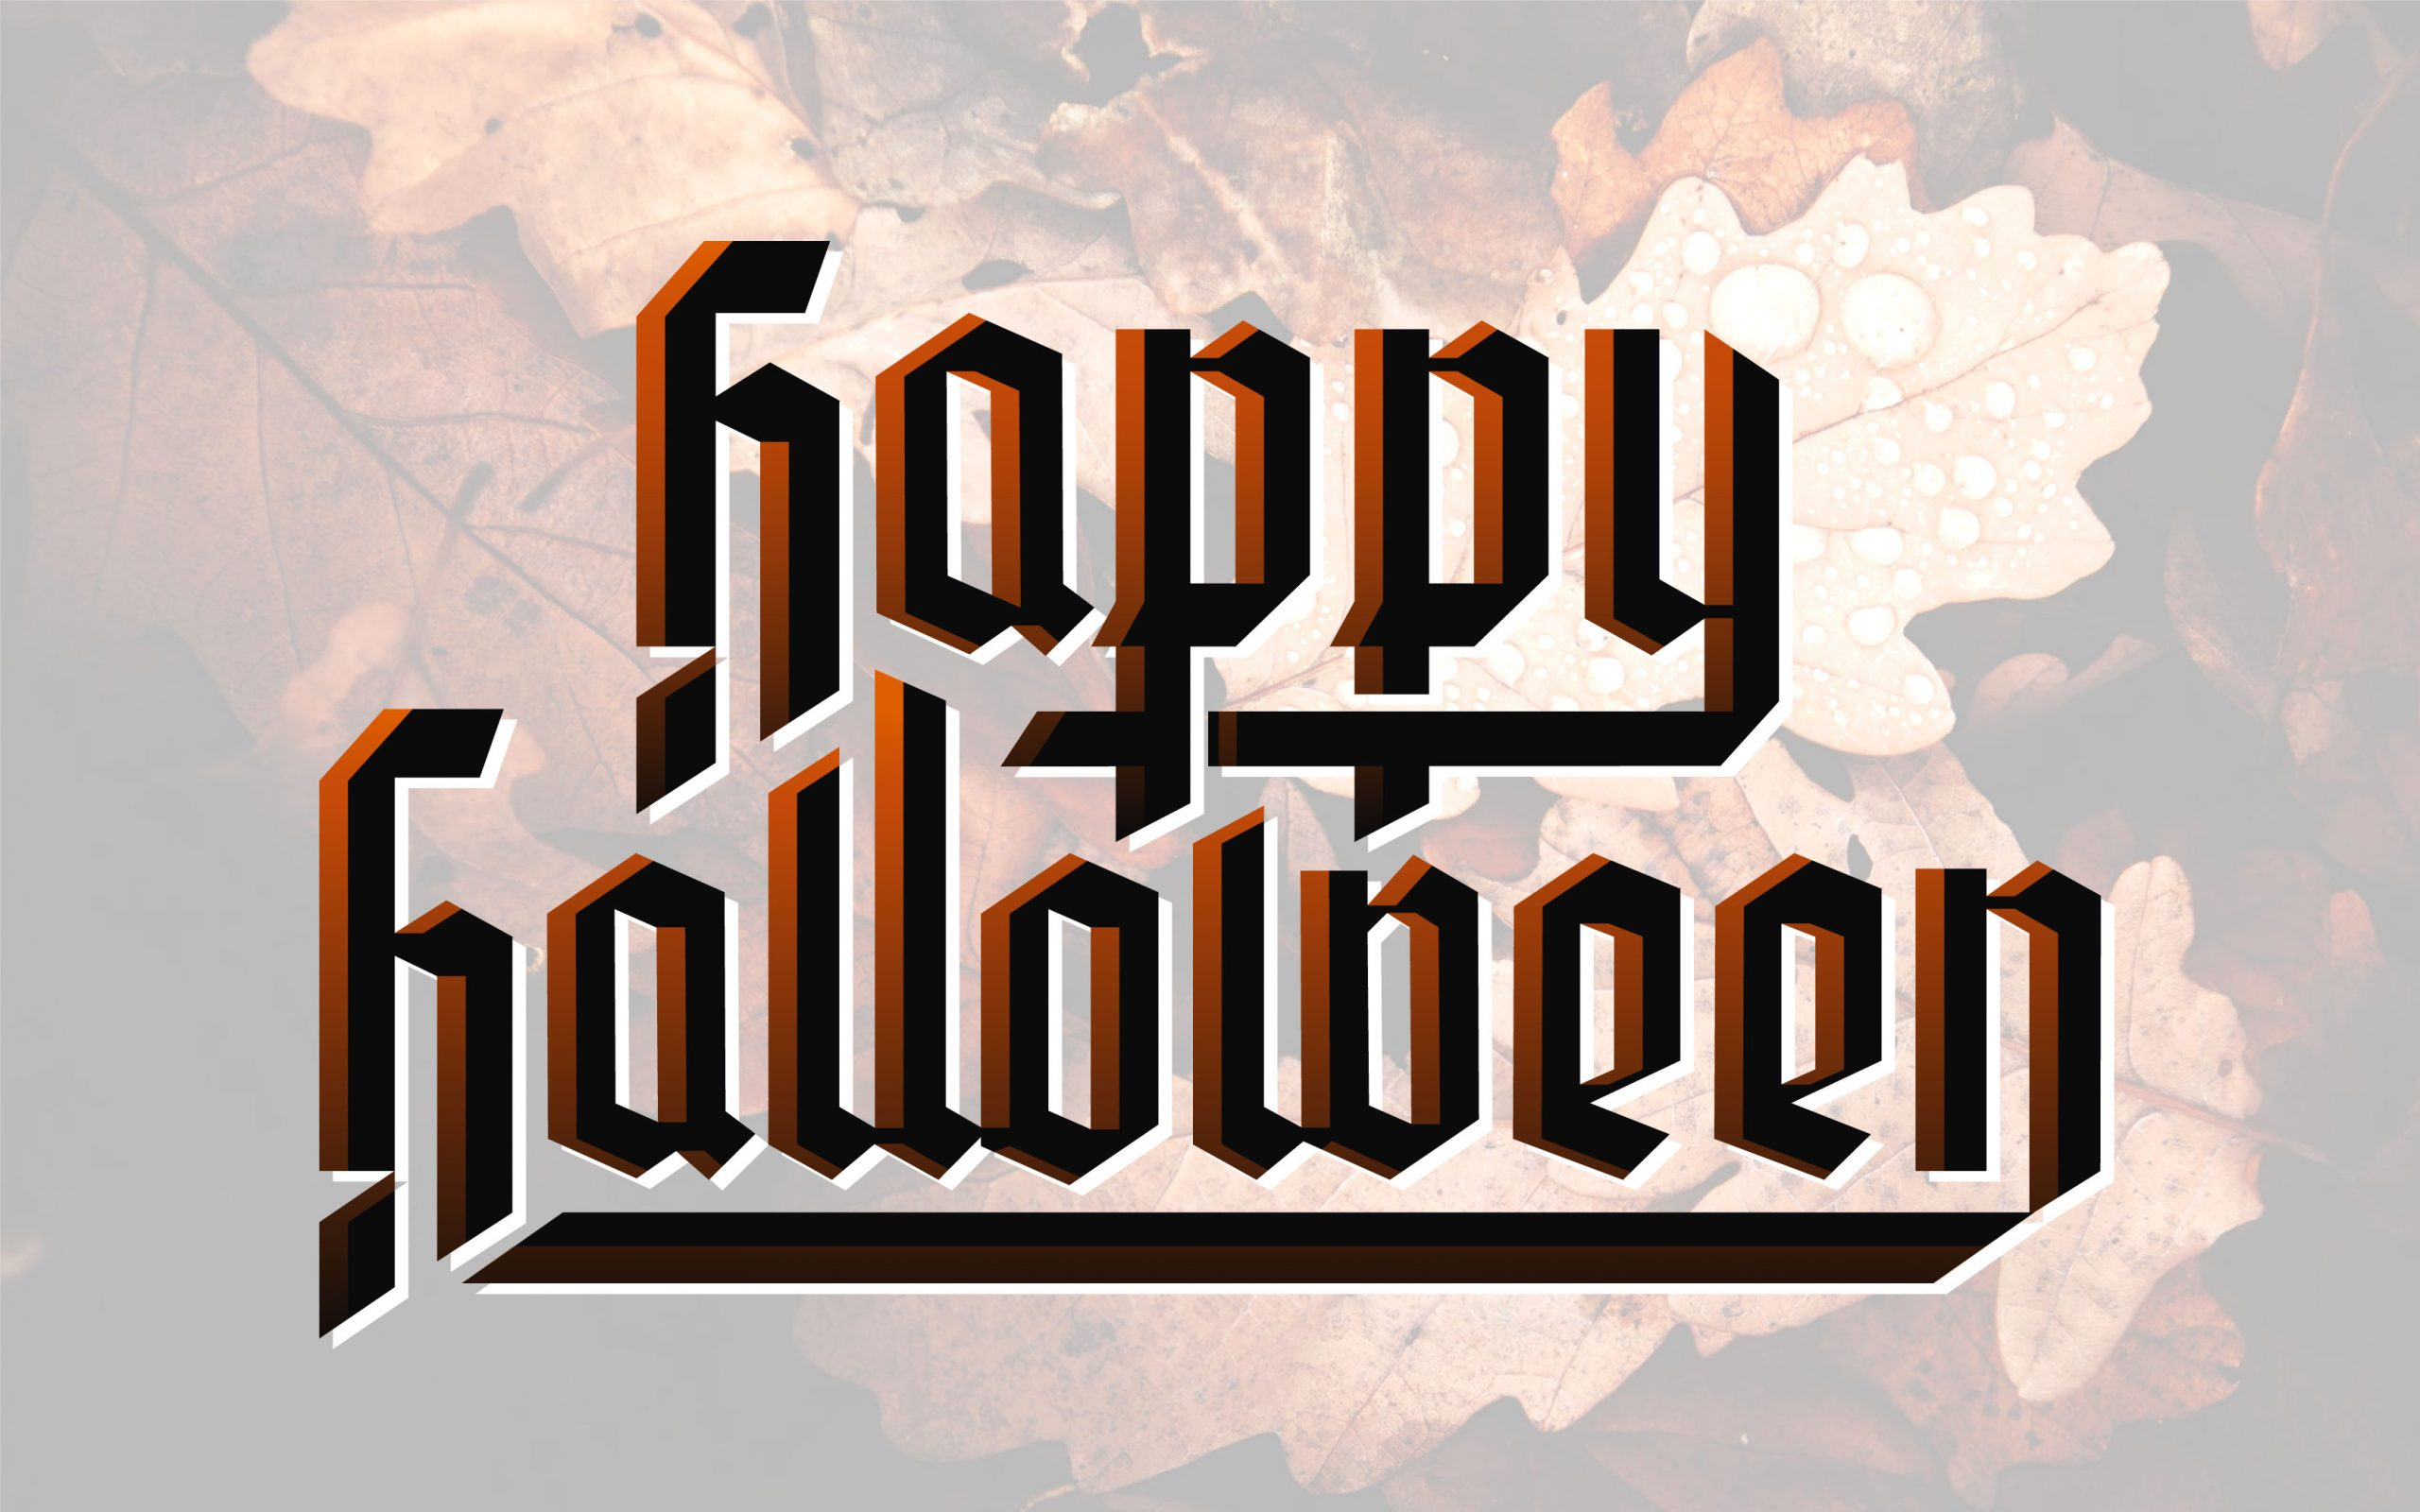 Happy Halloween-Schriftzug - Vektor Download ganzes Happy Halloween Schriftzug